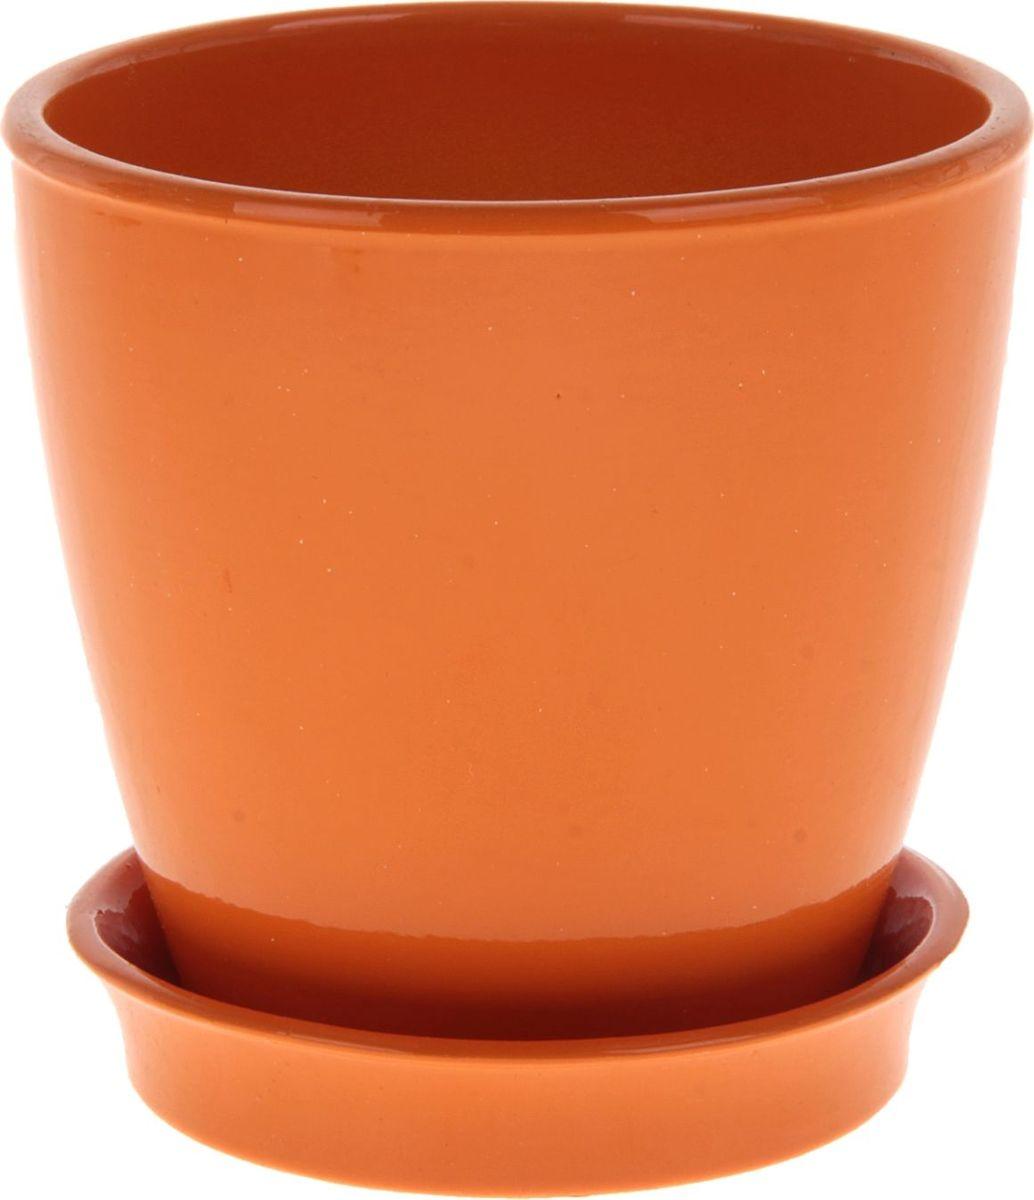 Кашпо Керамика ручной работы Виктория, цвет: оранжевый, 0,6 л825103Кашпо серии Каменный цветок выполнено из белой глины методом формовки и покрыто лаком. Керамическая емкость имеет объем, оптимальный для создания наилучших условий развития большинства растений. Устойчивый глубокий поддон защитит поверхность стола или подставки от жидкости. Благодаря строгим стандартам производства изделия отличаются правильной формой, отсутствием дефектов, имеют достаточную тяжесть для надежной фиксации конструкции. Окраска моделей не восприимчива к прямым солнечным лучам, а в цветовой гамме преобладают яркие и насыщенные оттенки. Красота, удобство и долговечность кашпо серии Каменный цветок порадует любителей высококачественных аксессуаров для комнатных растений.